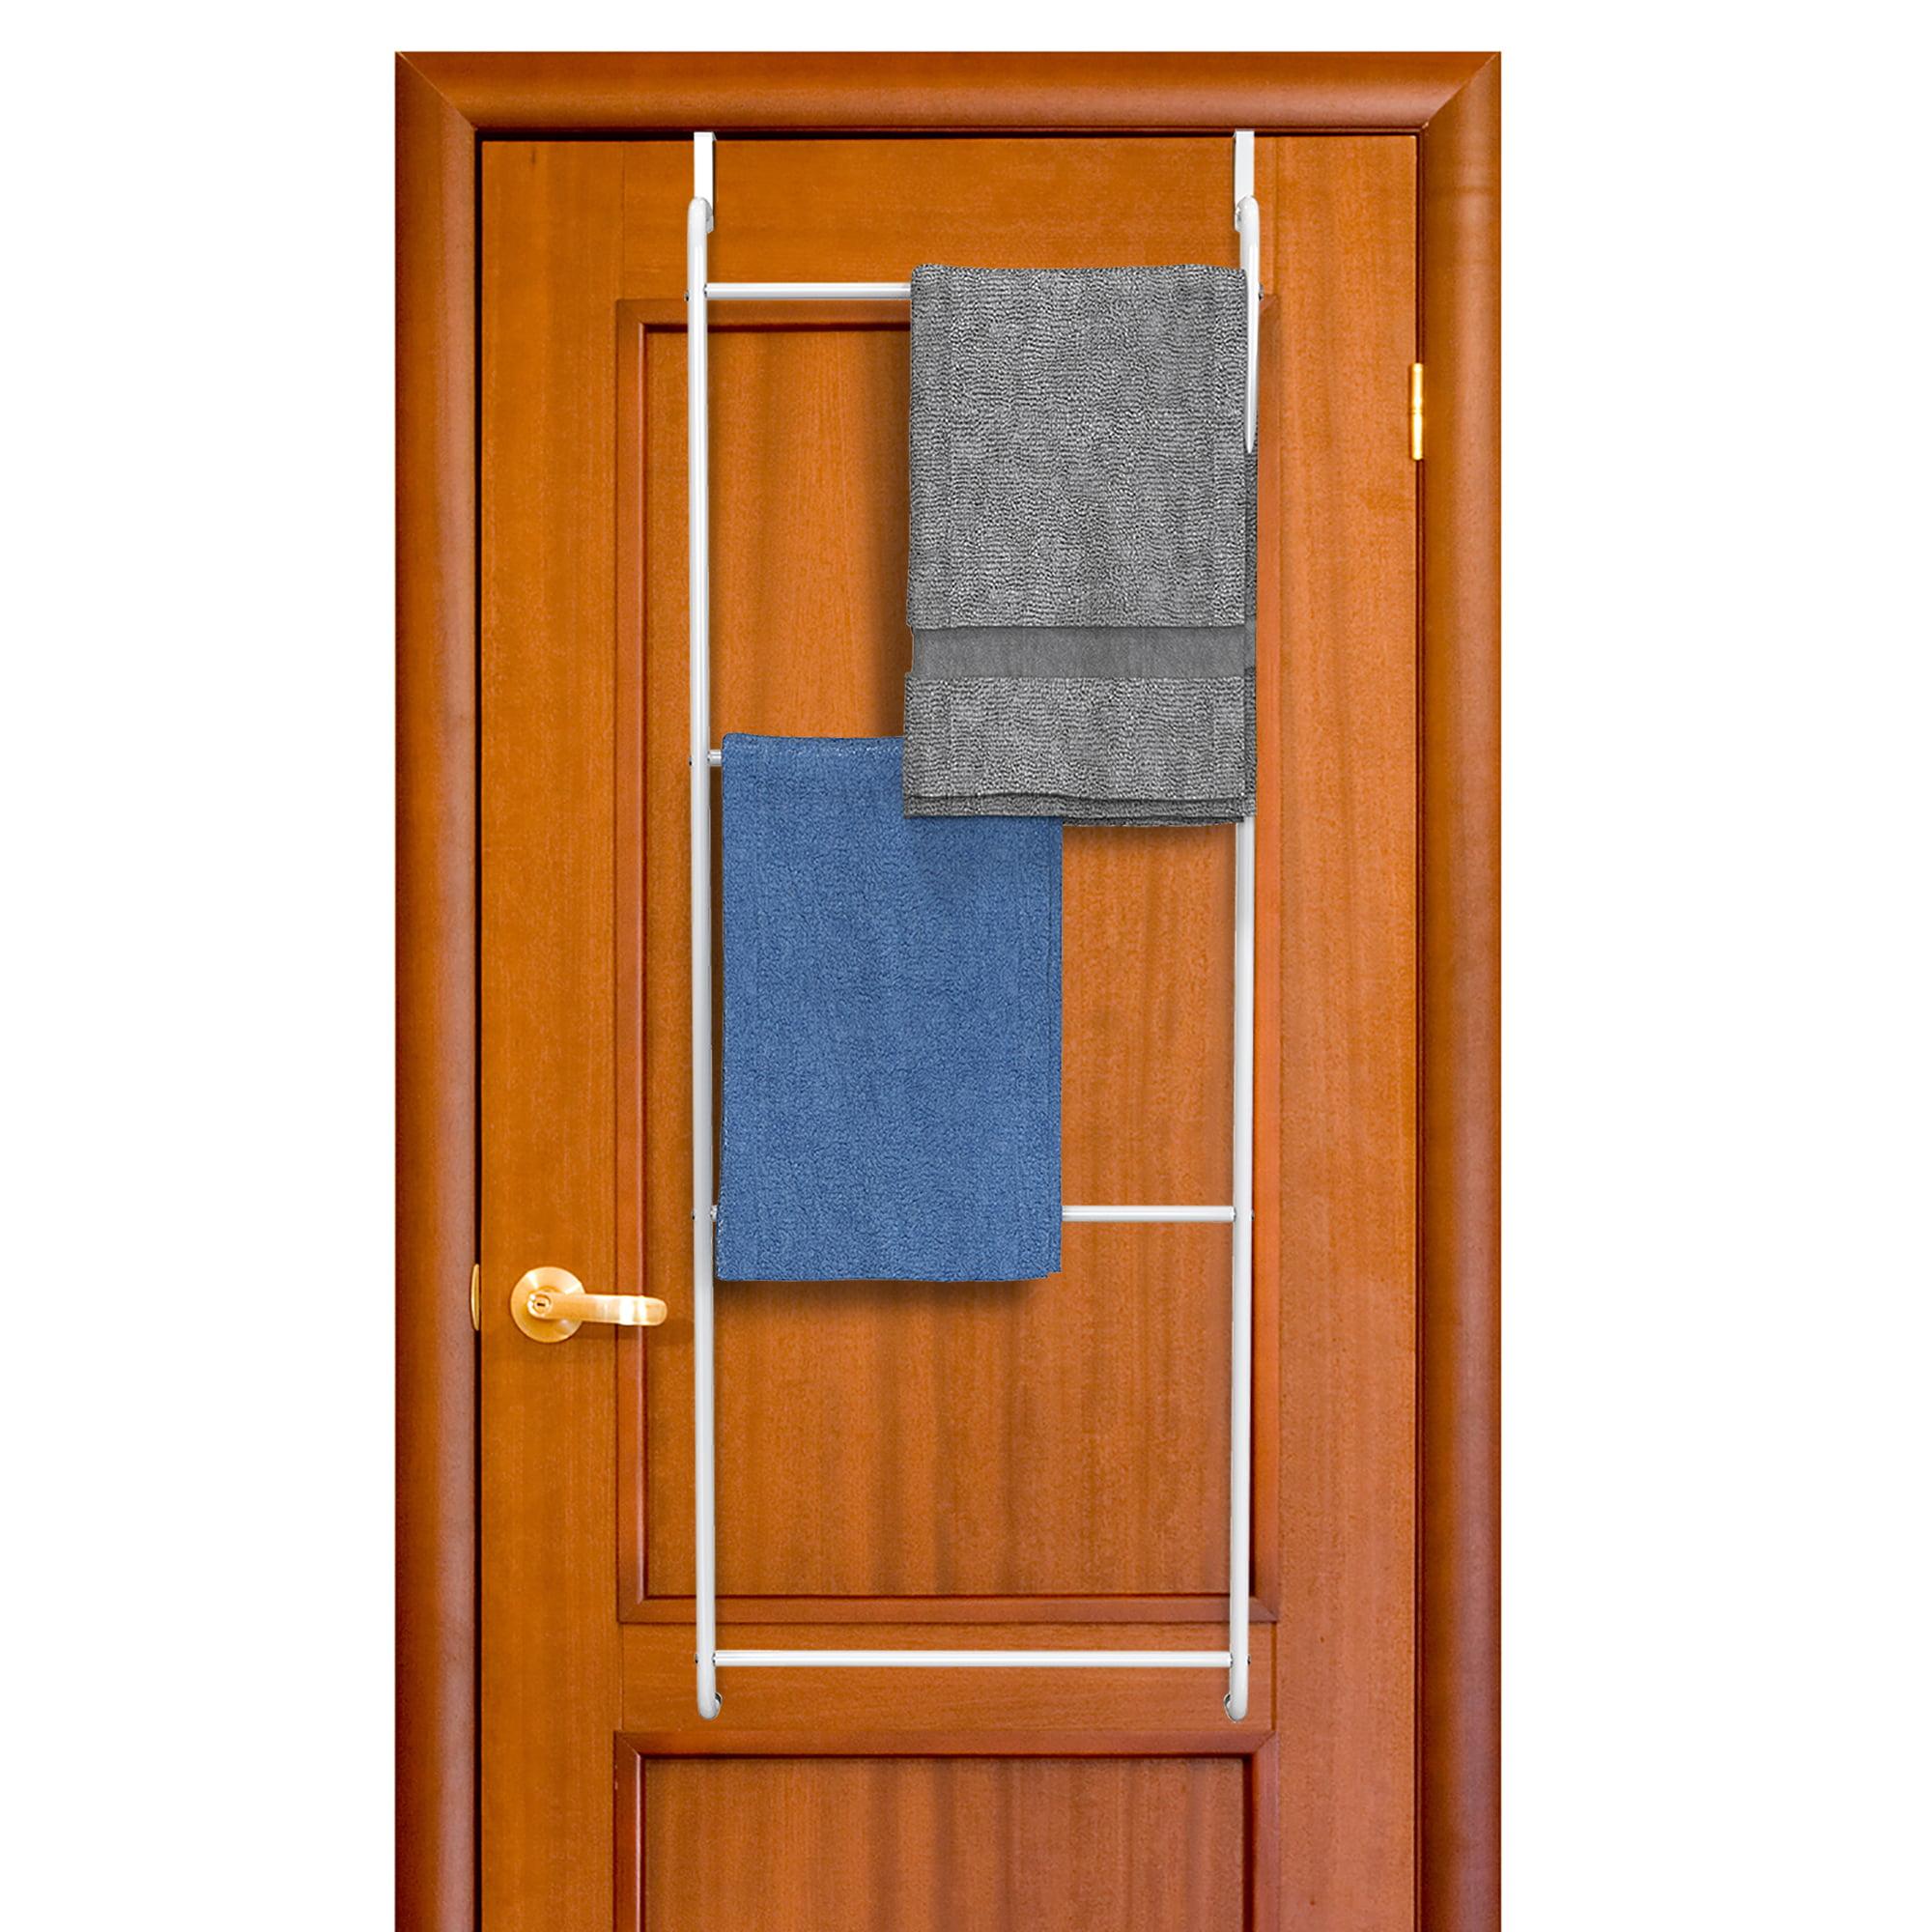 Over The Door Towel Rack Bathroom Or Shower Door 4 Bar